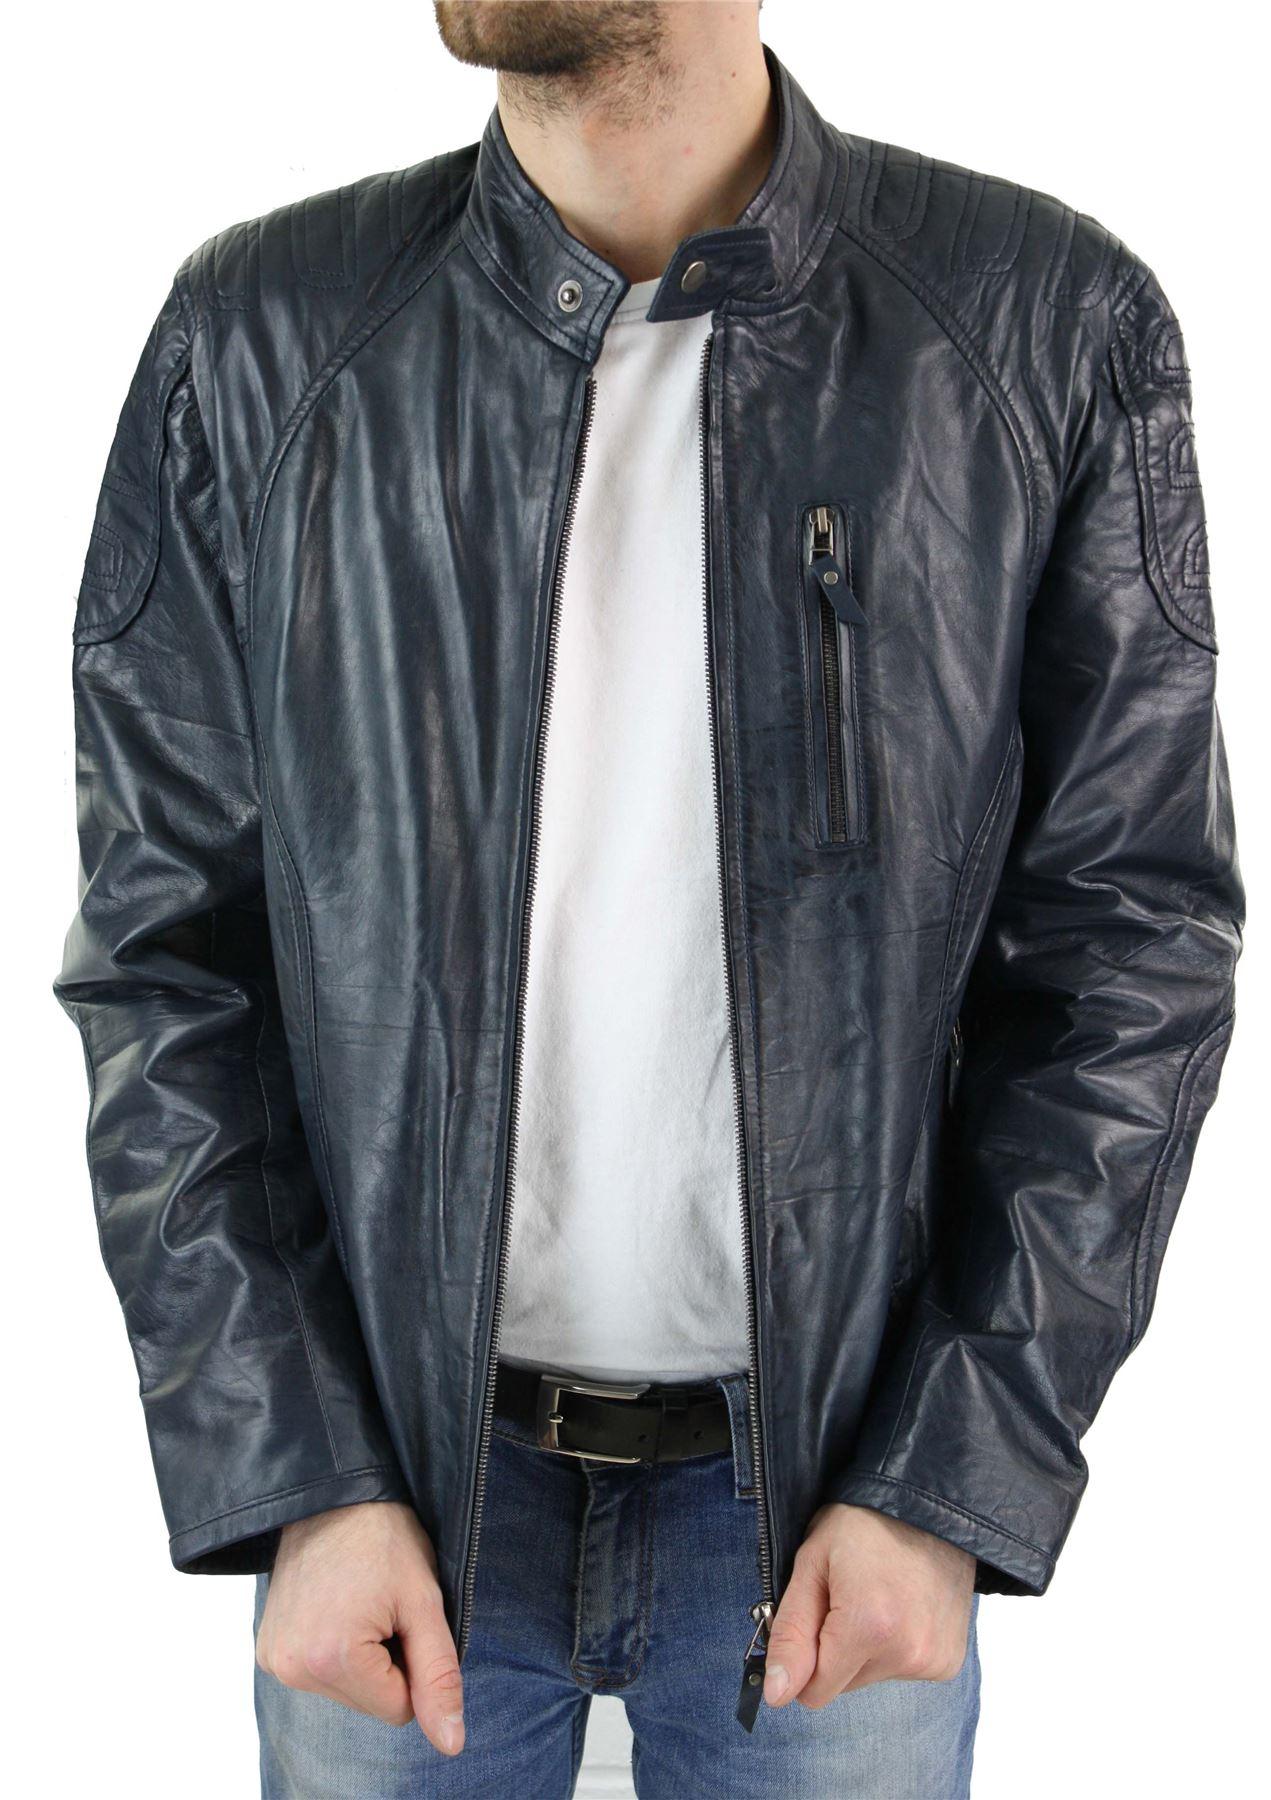 b944e0759e8 Veste homme style biker cuir véritable bleu noir fermeture éclair ...